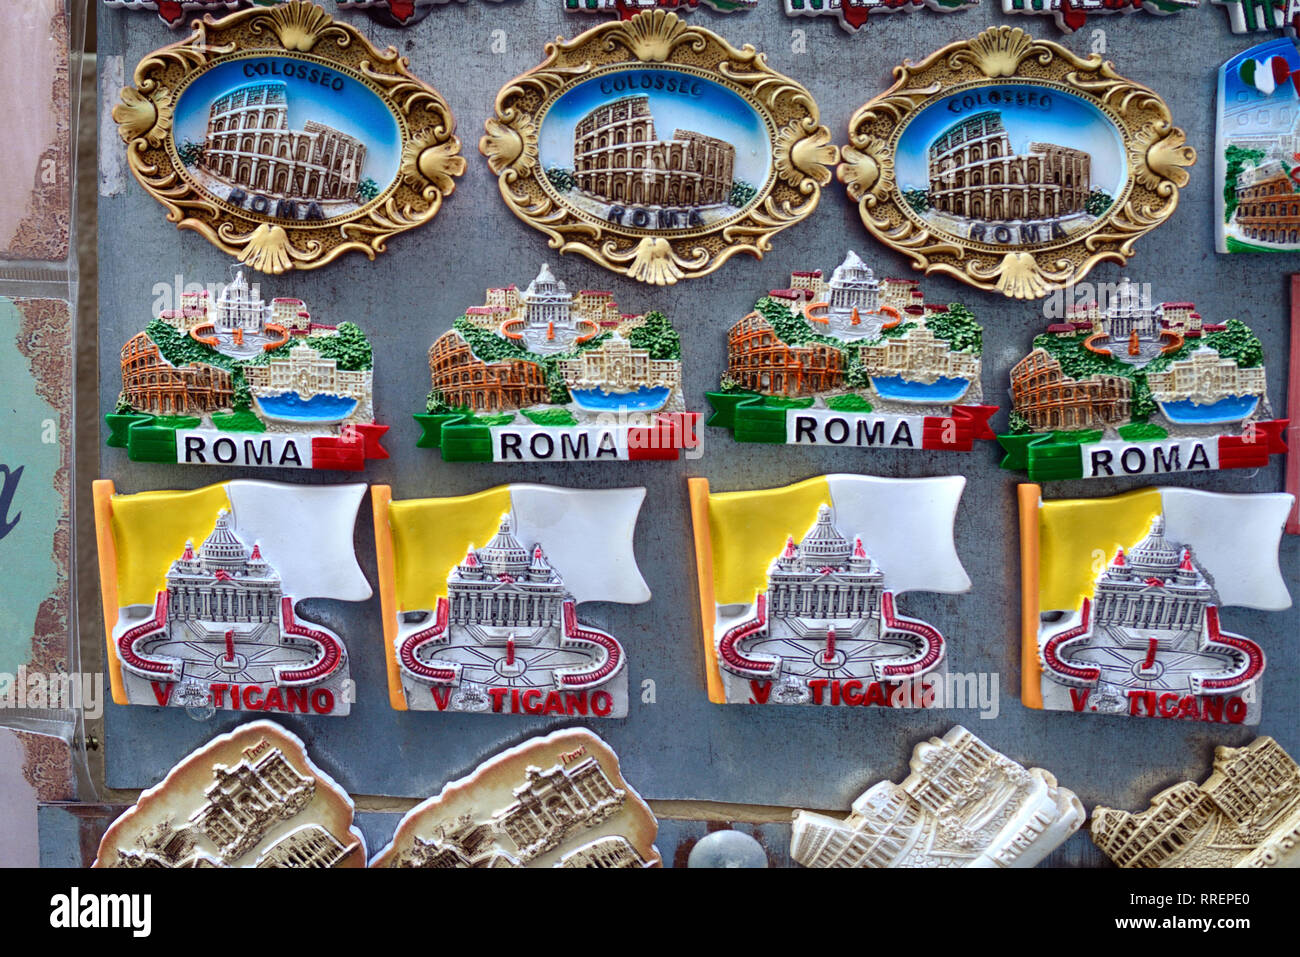 Souvenir magneti per il frigo di monumenti di epoca romana tra cui il Colosseo e Piazza San Pietro e la Basilica in vendita nel negozio di articoli da regalo a Roma Italia Immagini Stock